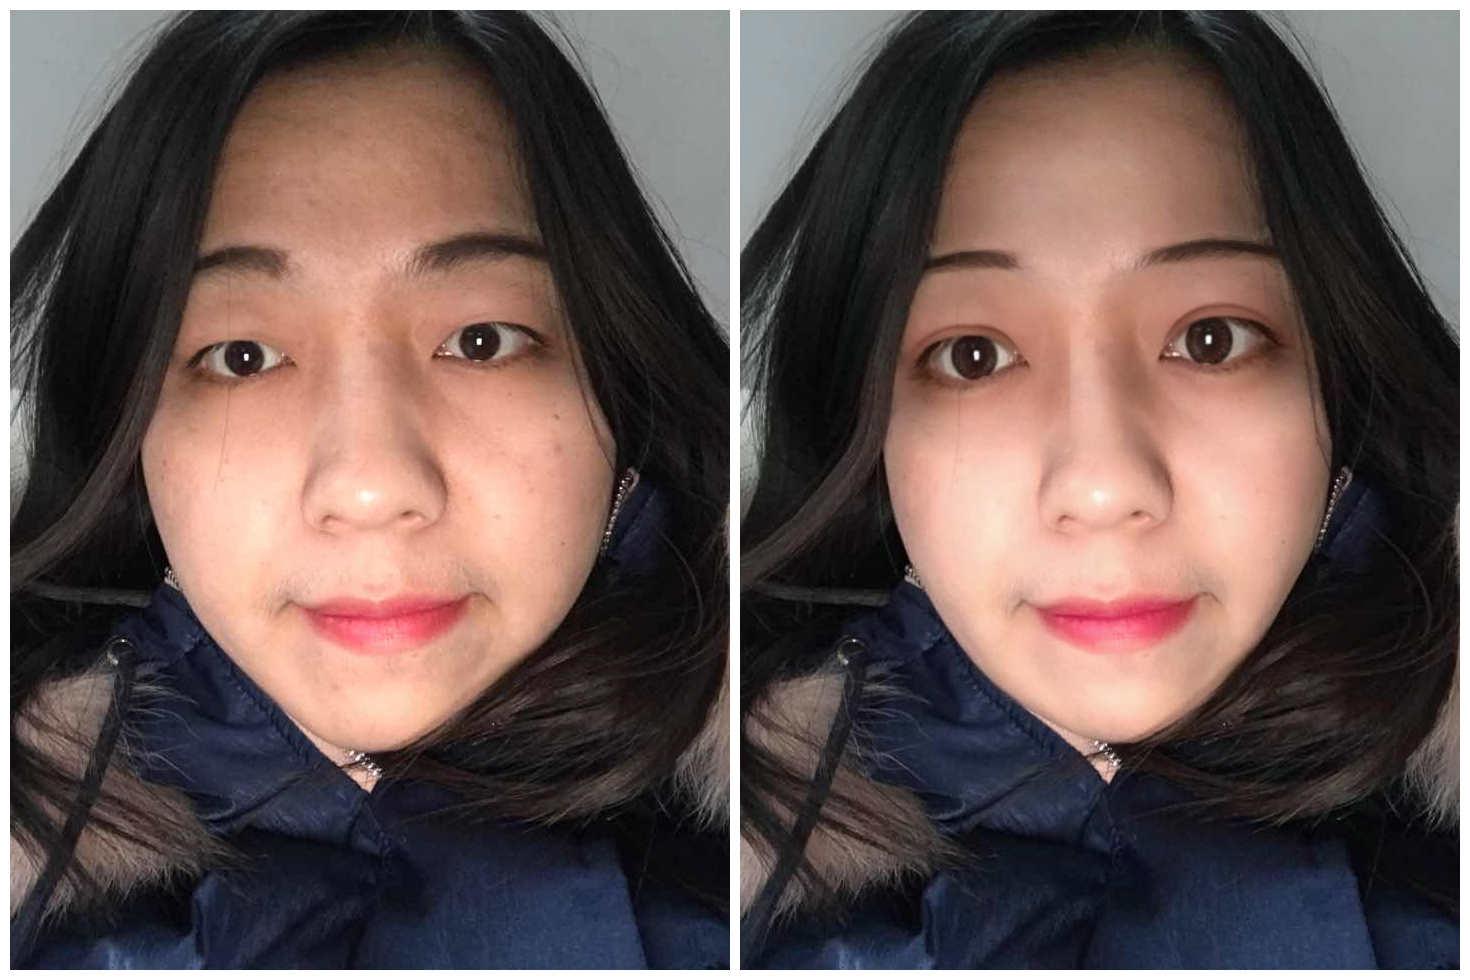 脸太大了怎么办,哪种手术能把脸变小。。。。。